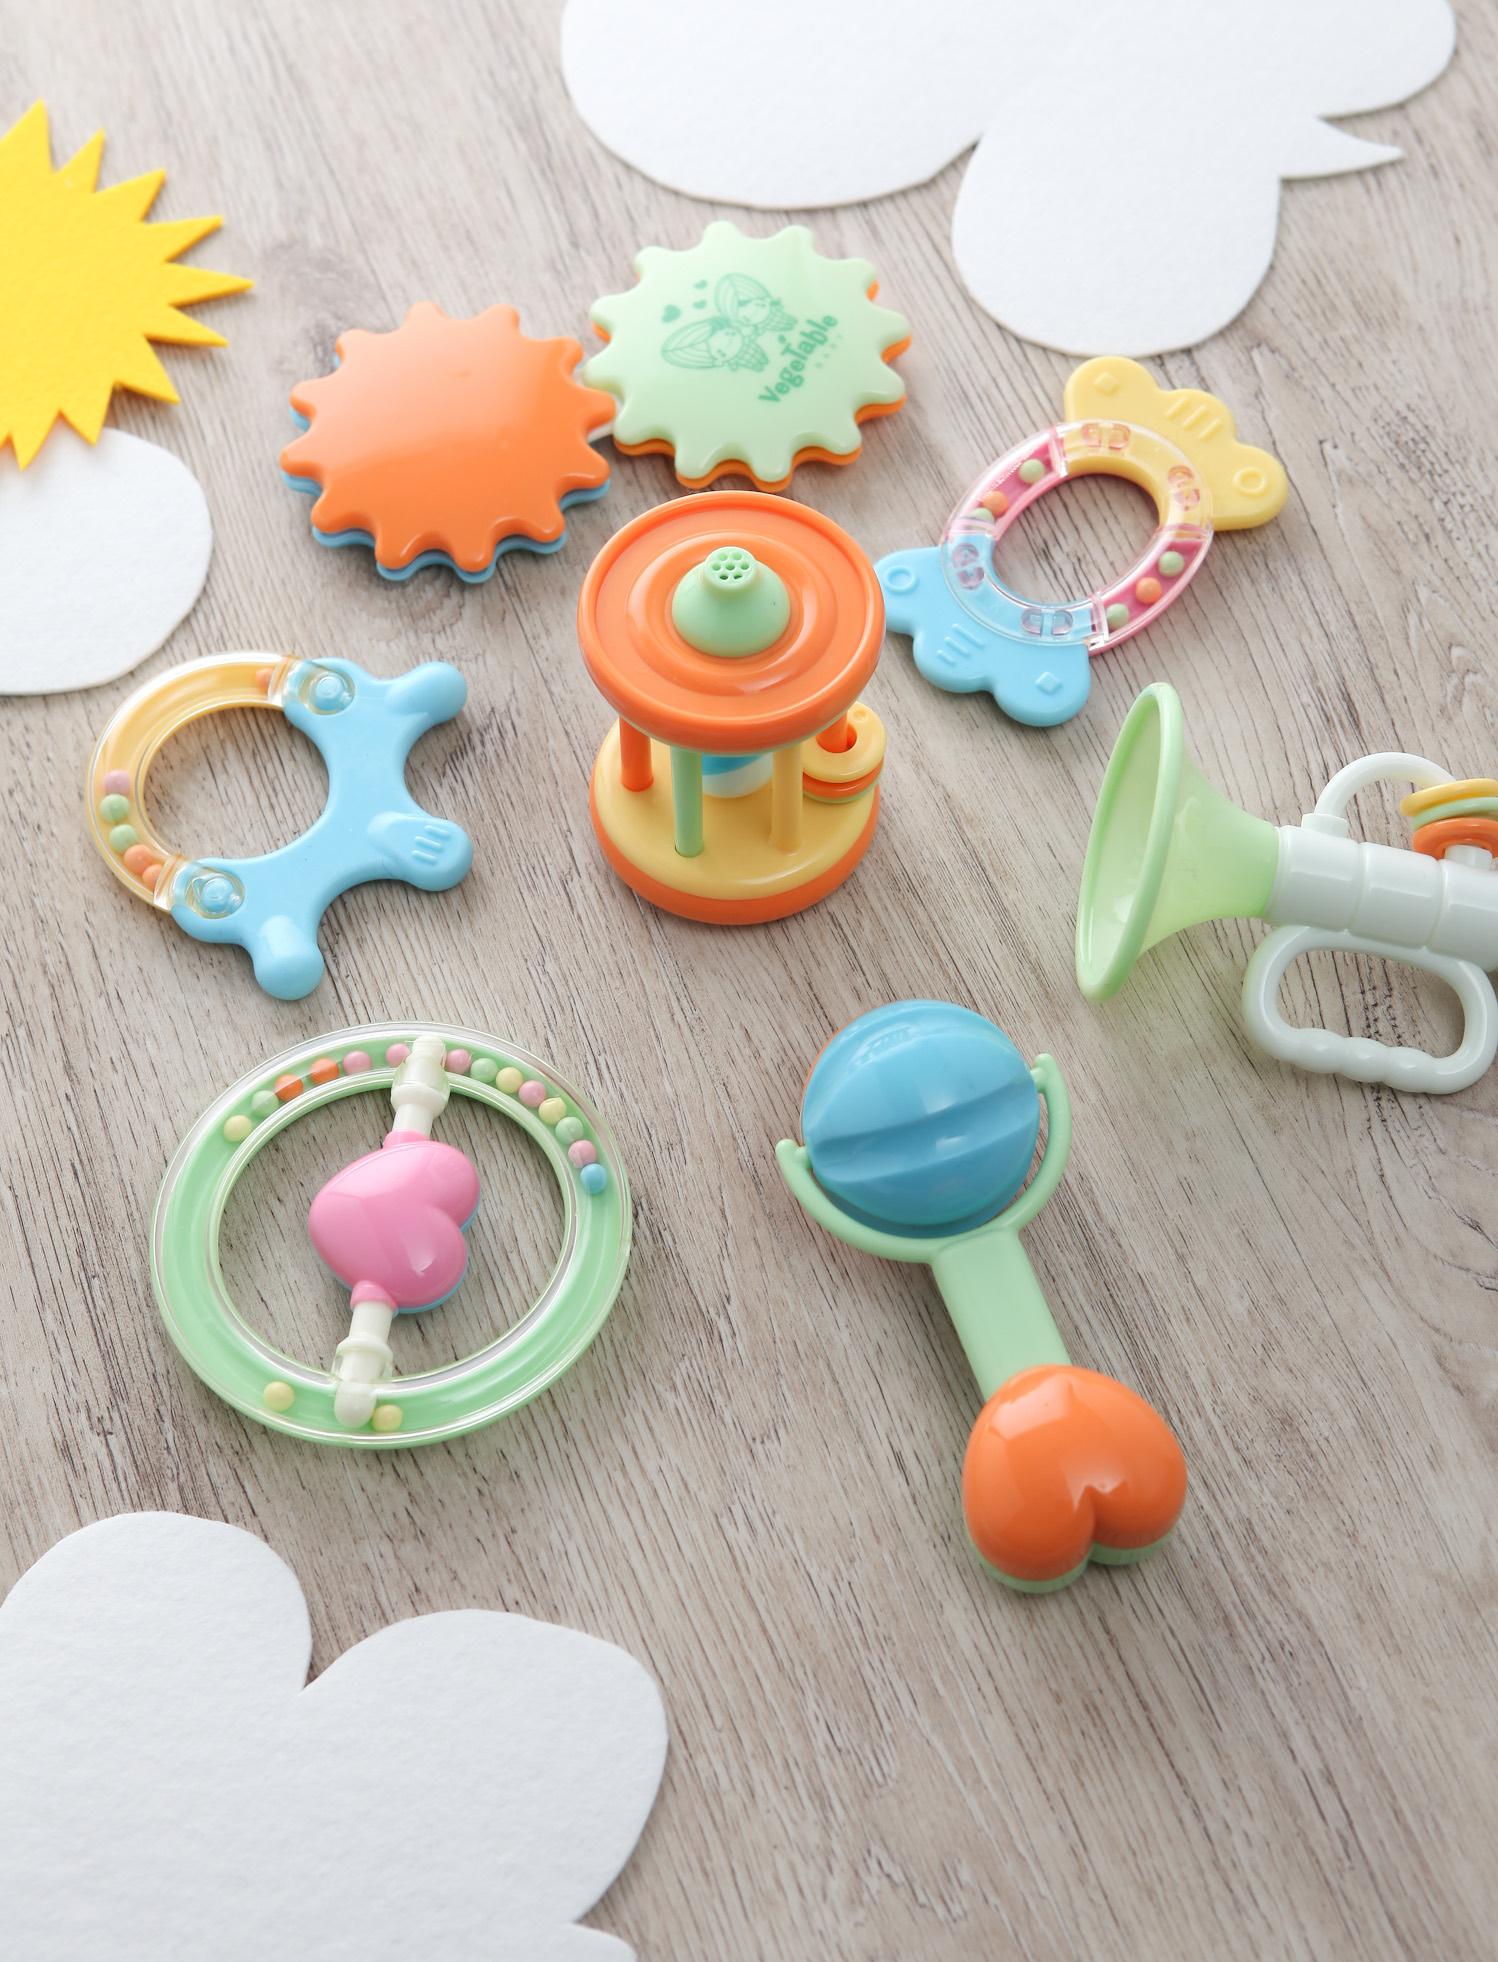 유아용품(딸랑이, 이유식기, 이유식조리기구), 세제류 제품사진